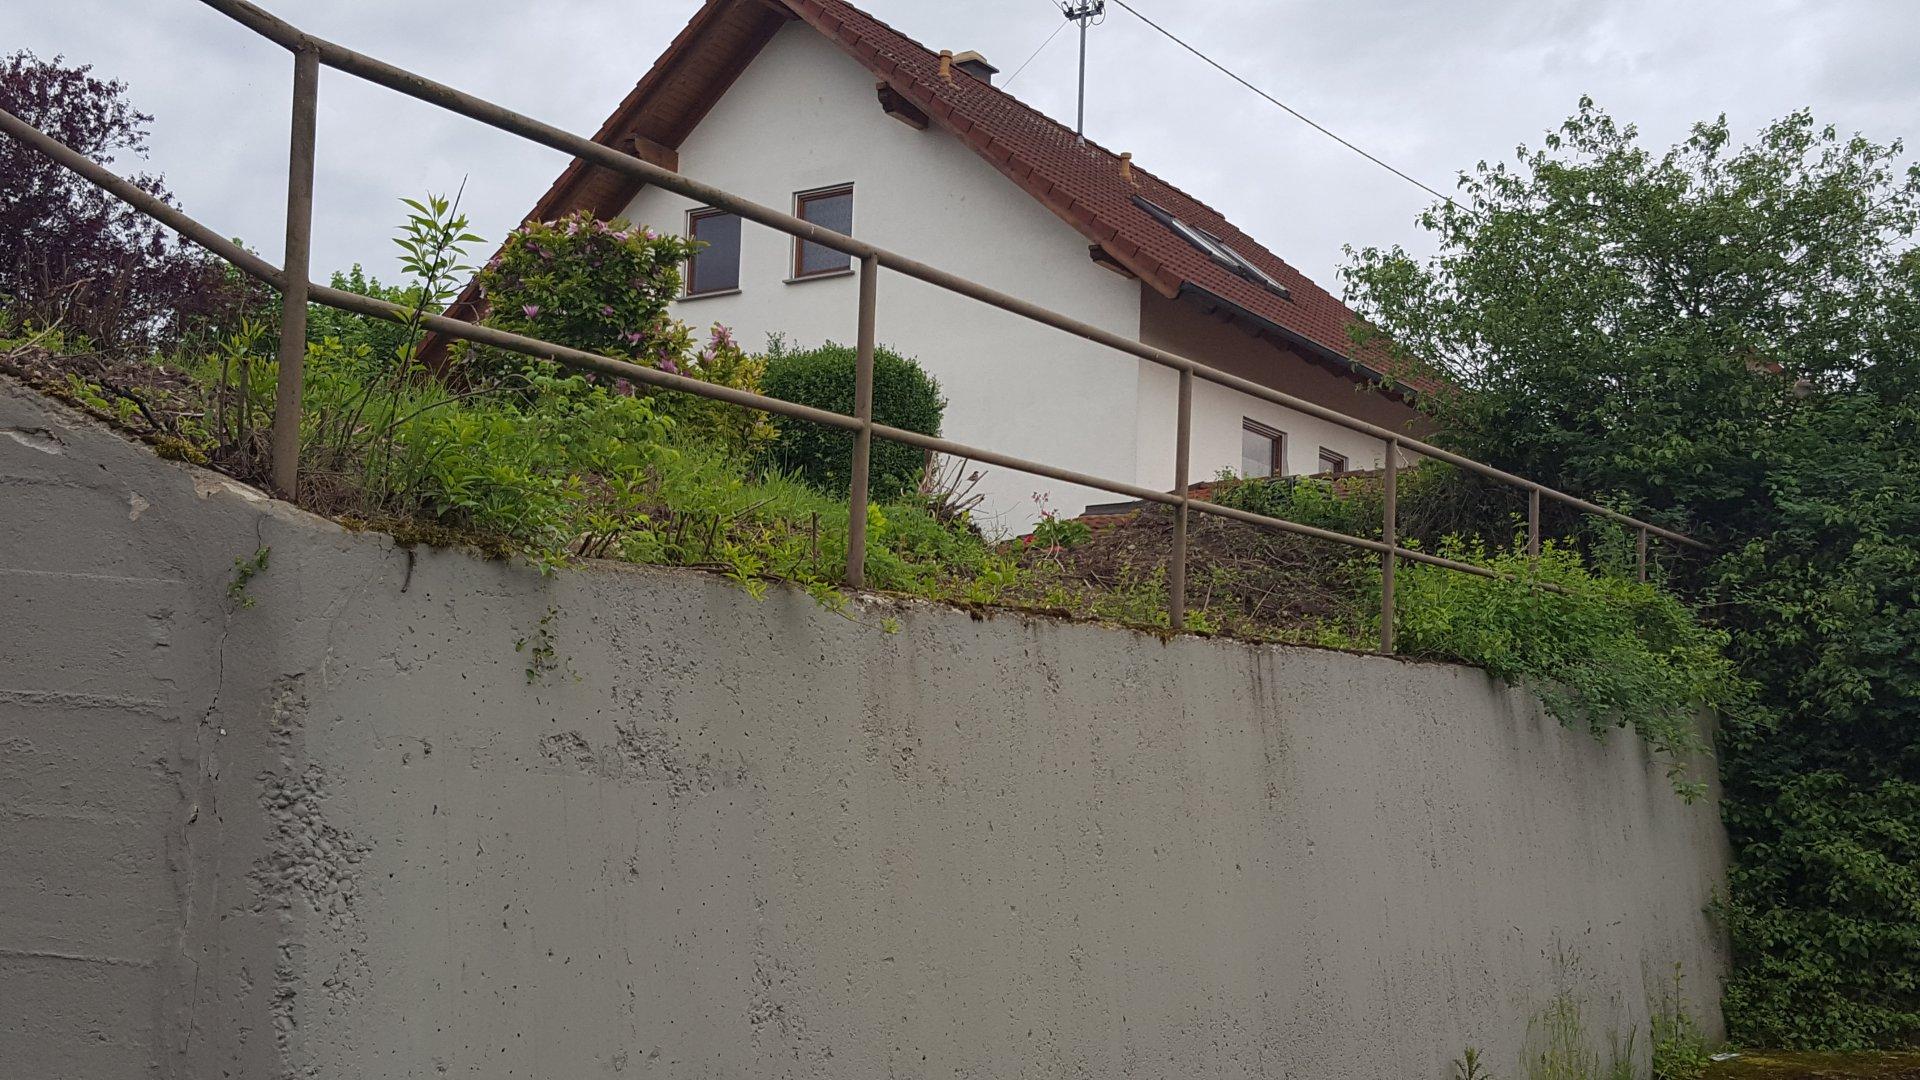 Gallery Of Sichtschutz Mauer Aus Pflanzsteinen